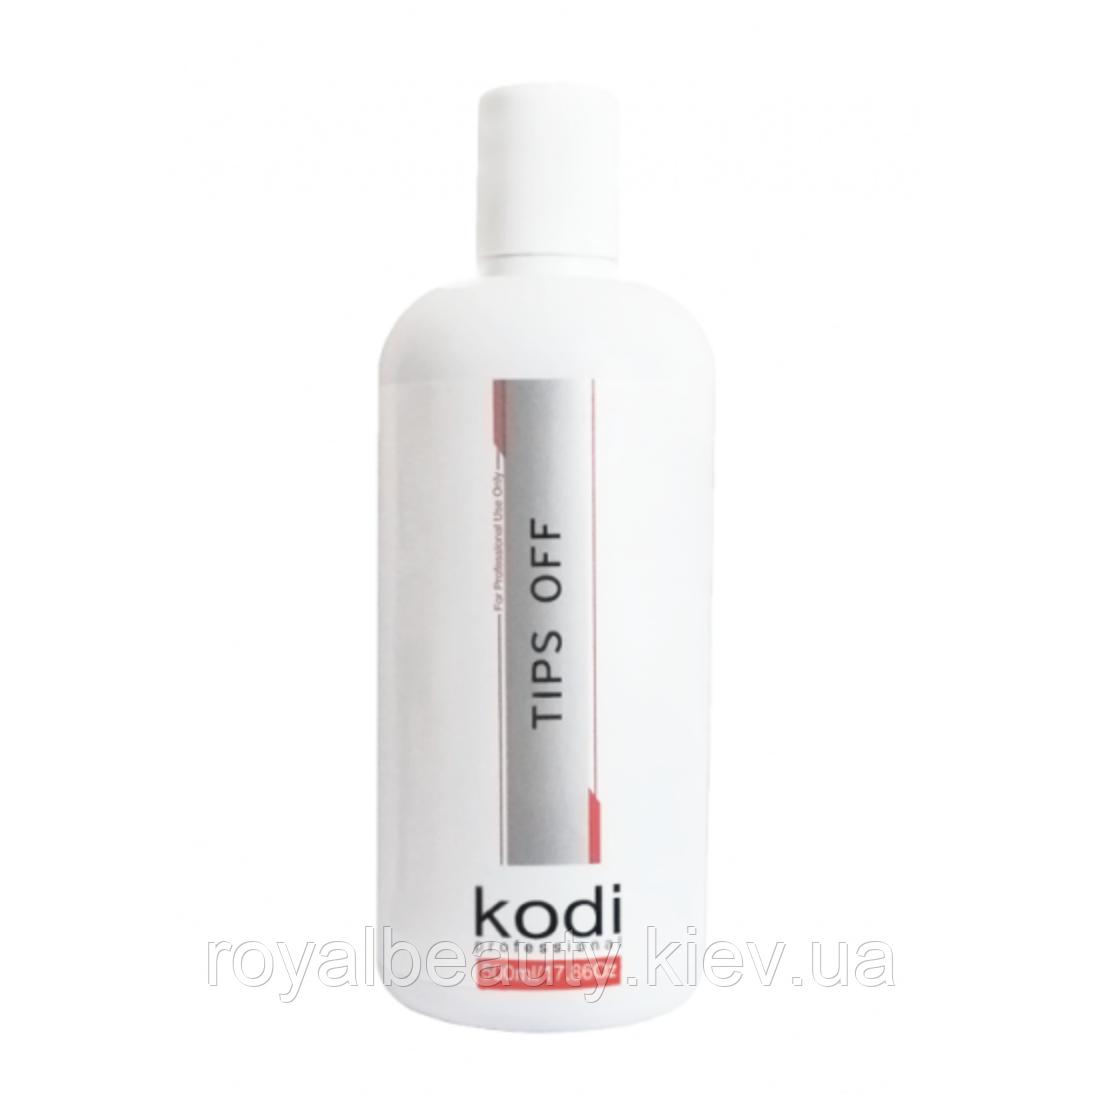 Жидкость для снятия гель-лака (акрила) KODI 500 МЛ.